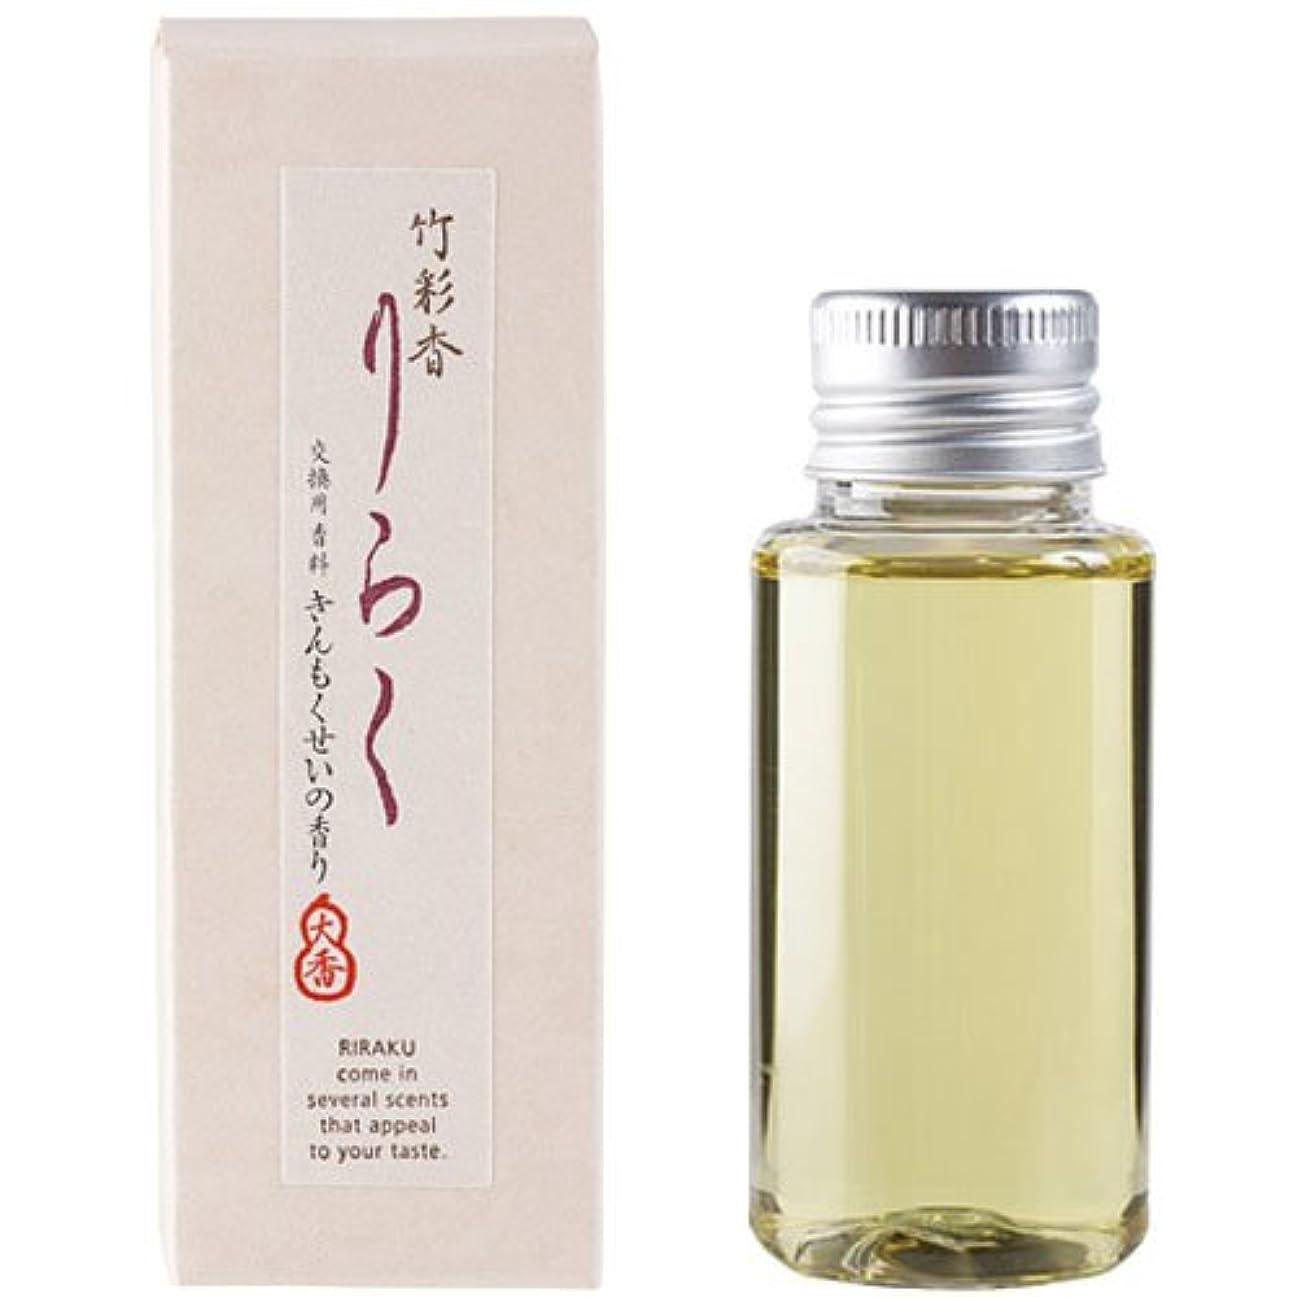 職人から竹彩香りらく 交換用香料きんもくせい 50ml